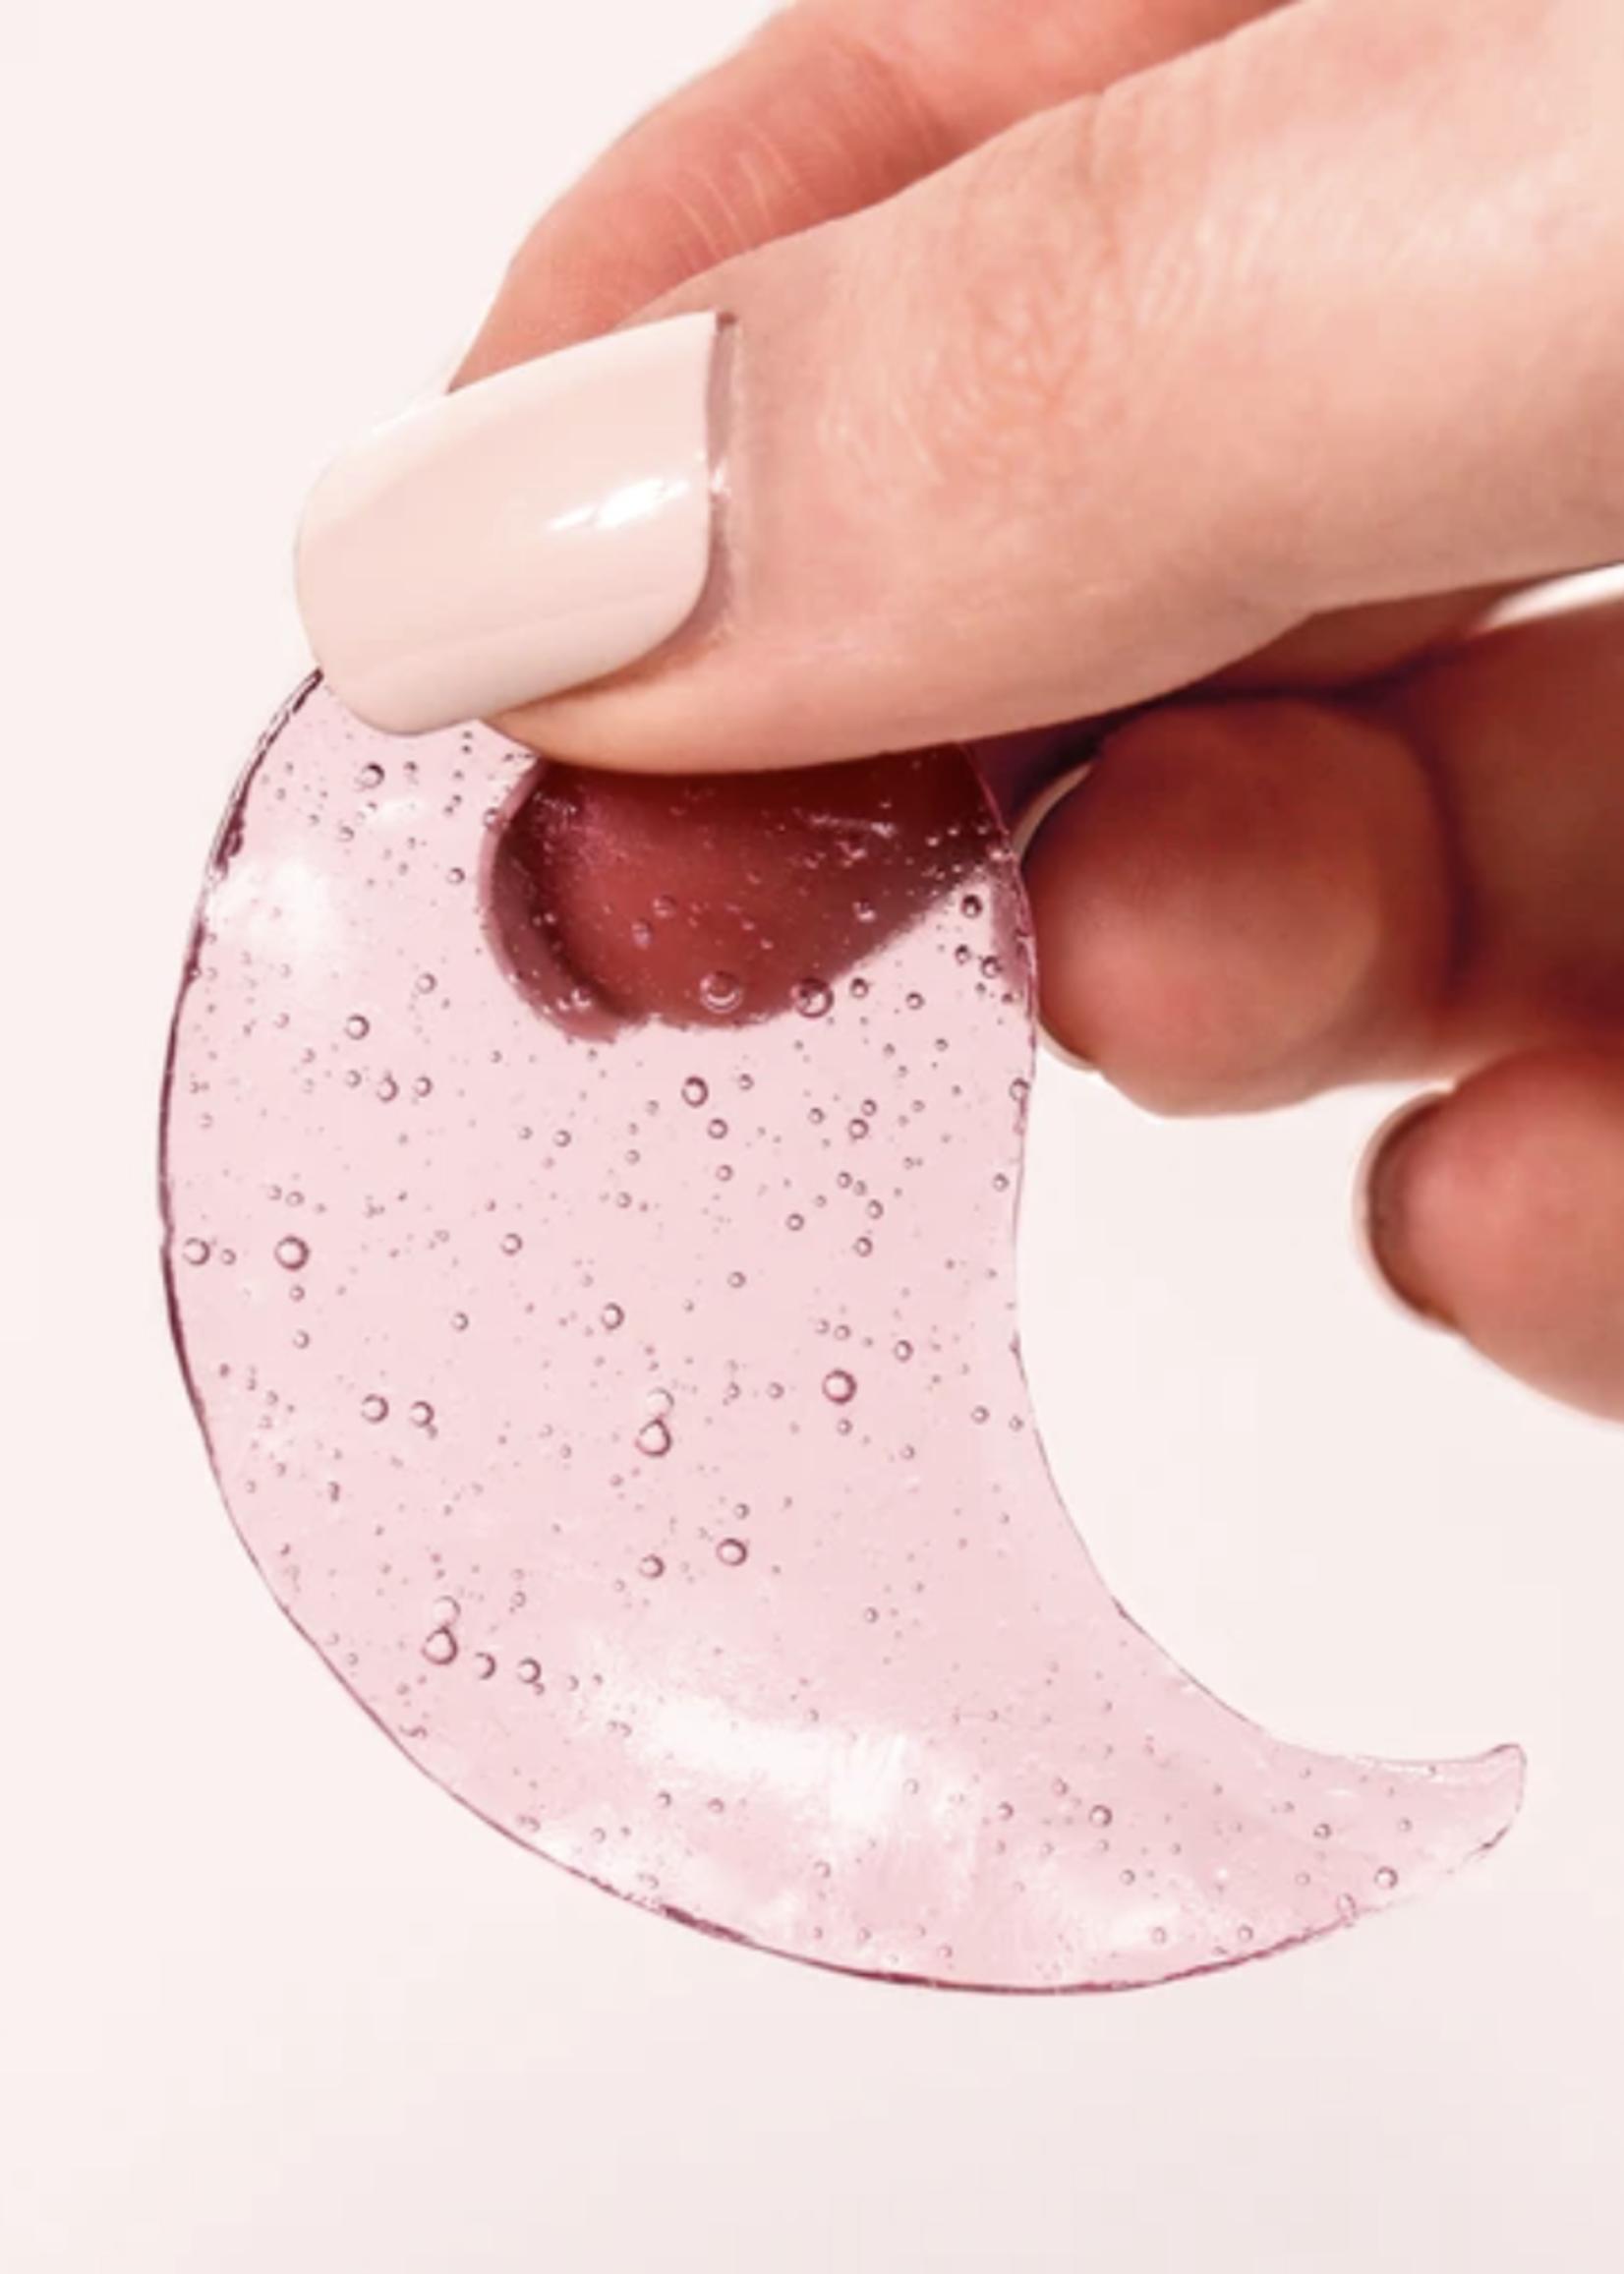 Patchology Gels Pour Les Yeux Rosé